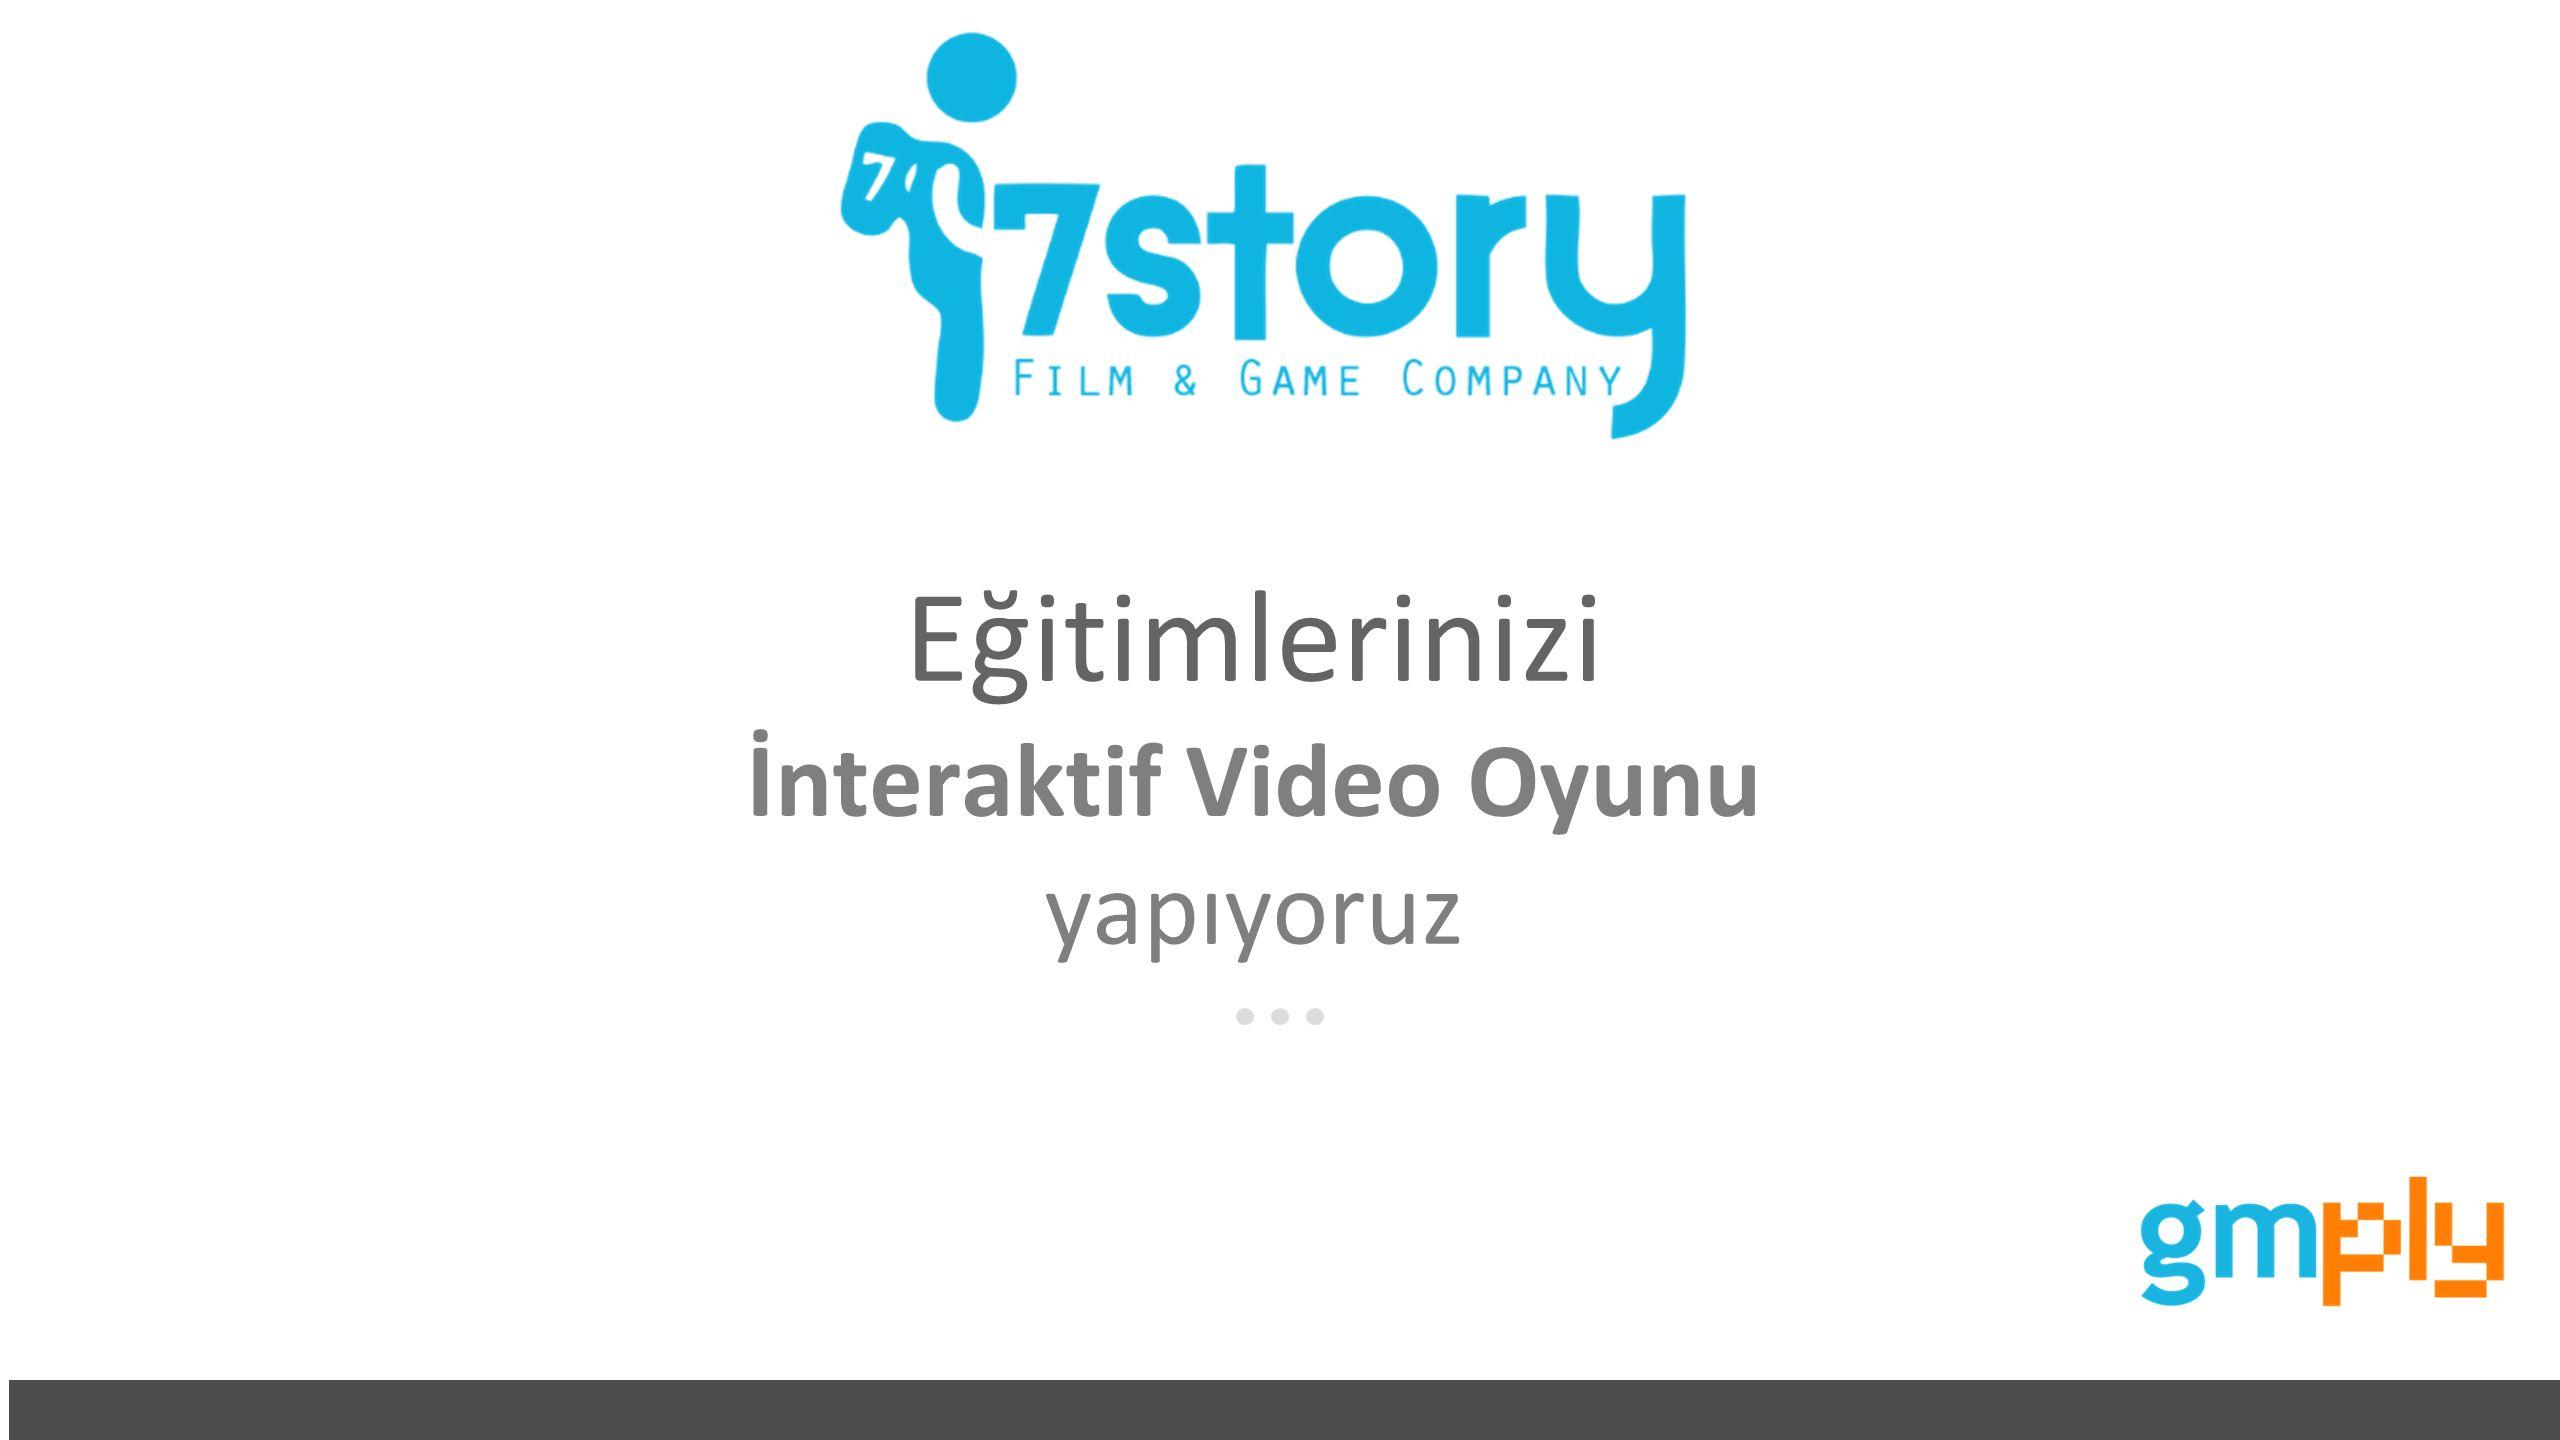 Advert keynote presentation - 2015 3.Öğrenme süreci yok.